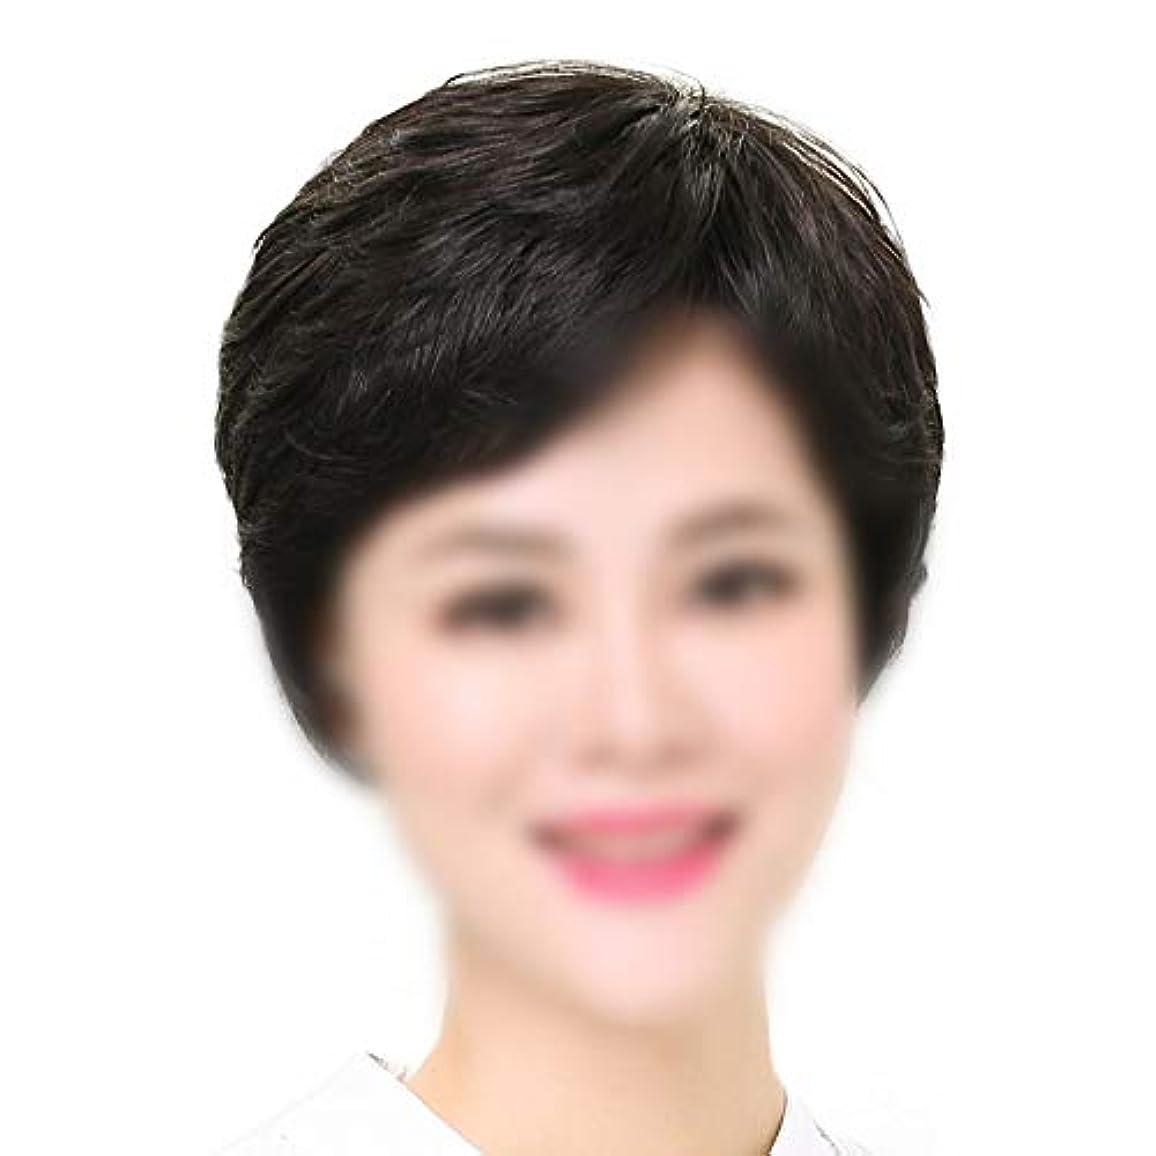 治療詳細な誘惑するYOUQIU フル手織り女性の自然な人間の髪マイクロ波ショートヘアウィッグかつら中年 (色 : Natural black, サイズ : Hand-needle)